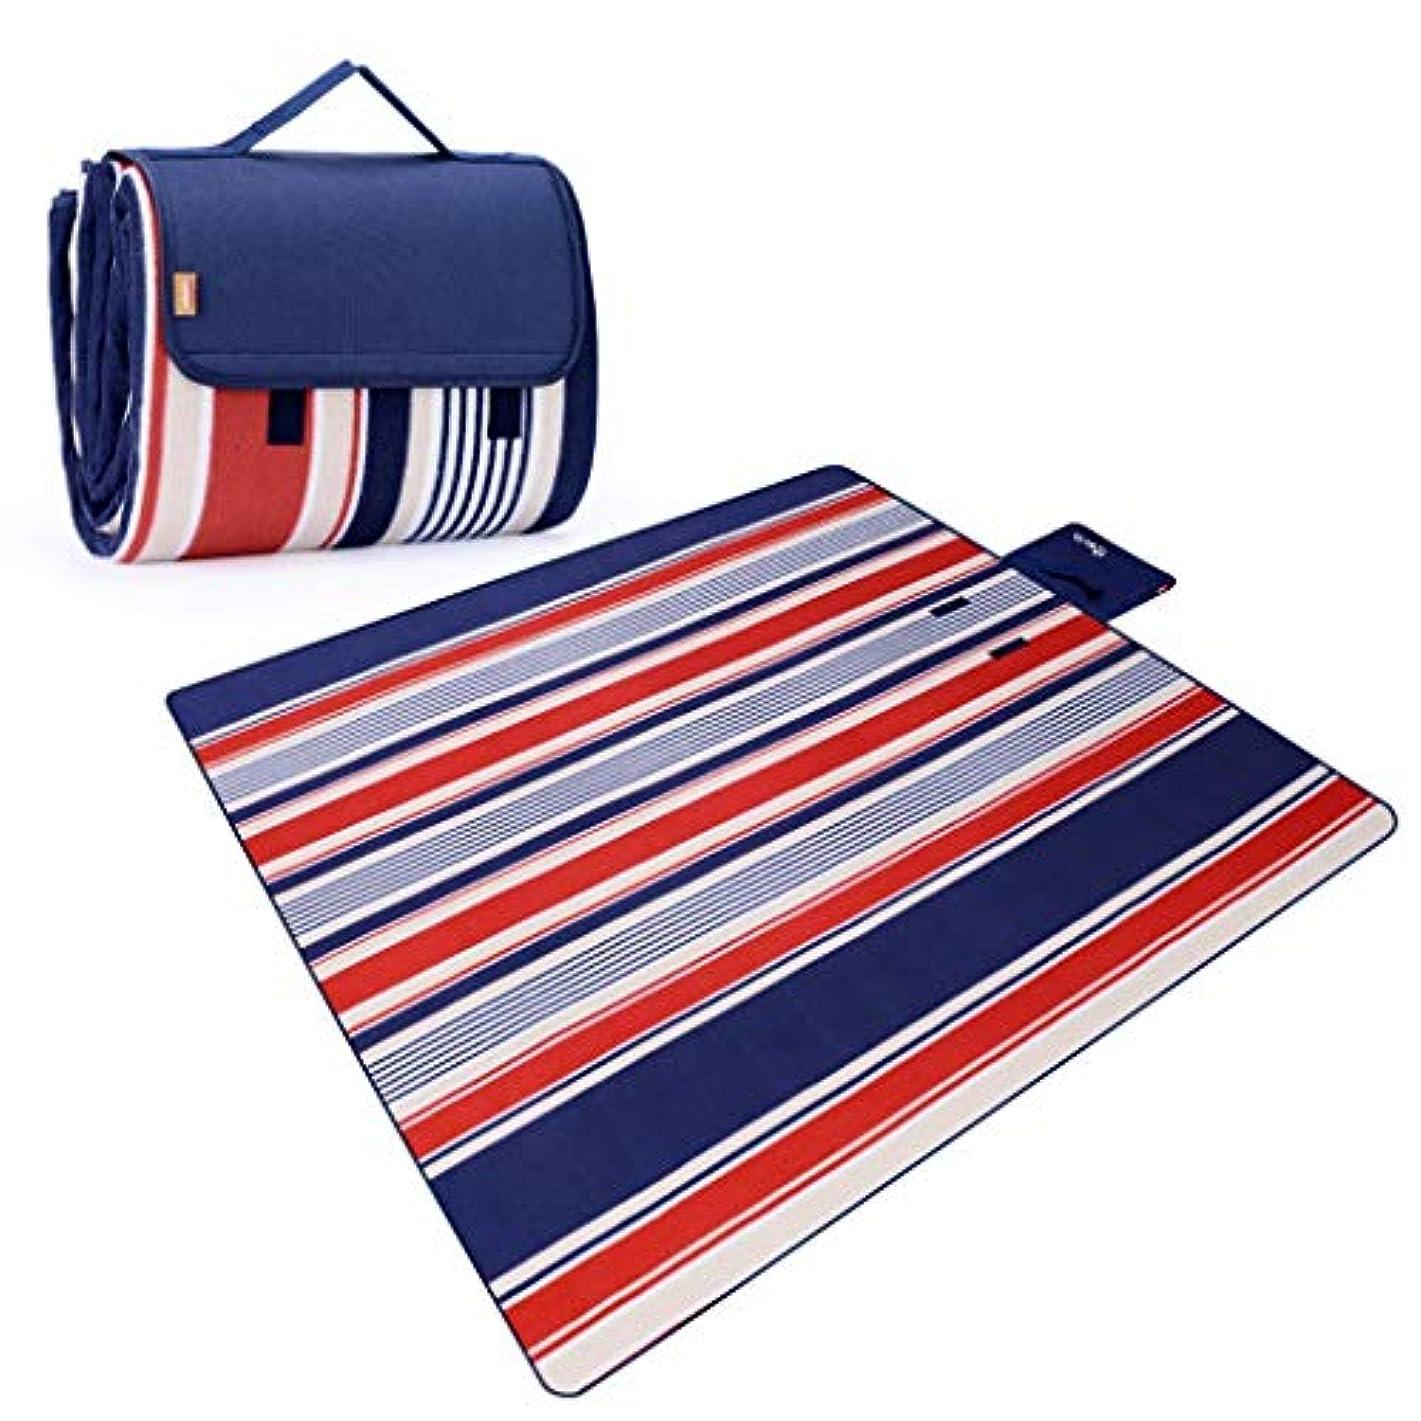 褐色経験的ただやるJucaiyuan ピクニックマット、屋外のピクニックキャンプビーチテントマット、クロールマット、ヨガマット、防水厚い芝生マットピクニック布 (色 : Red and blue strip, Size : 200cmx150)